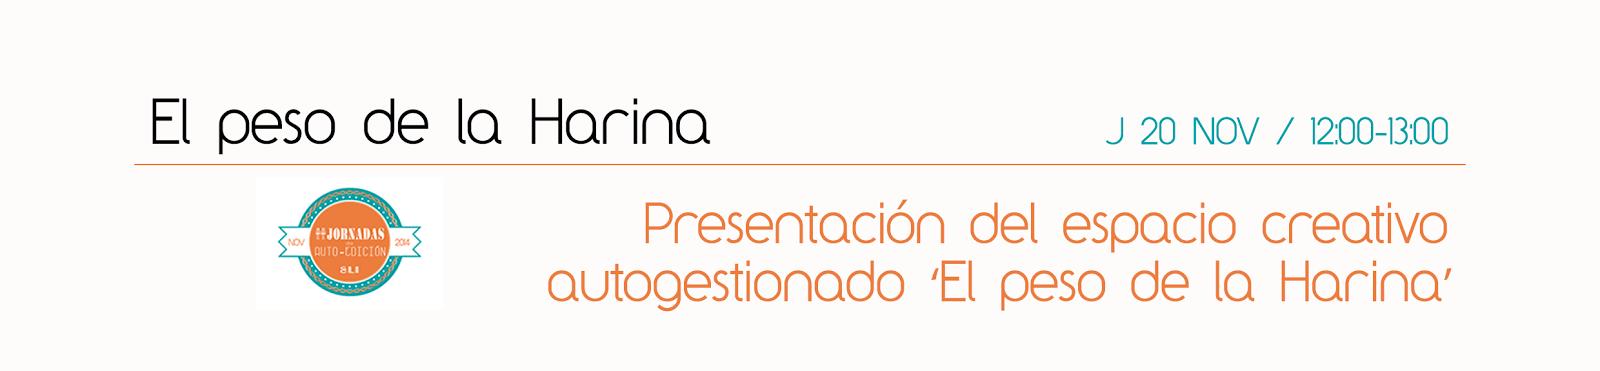 www.facebook.com/pages/El-peso-de-la-Harina